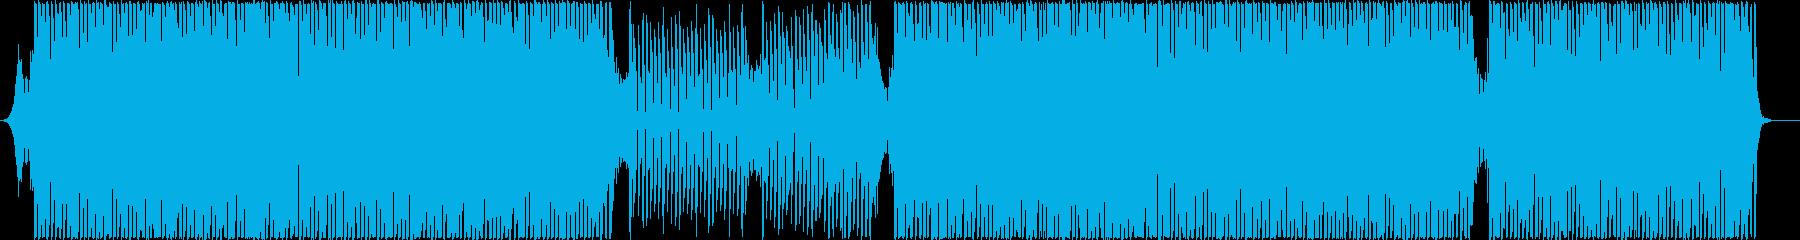 情熱的なグルーヴィーなラテンハウスの再生済みの波形